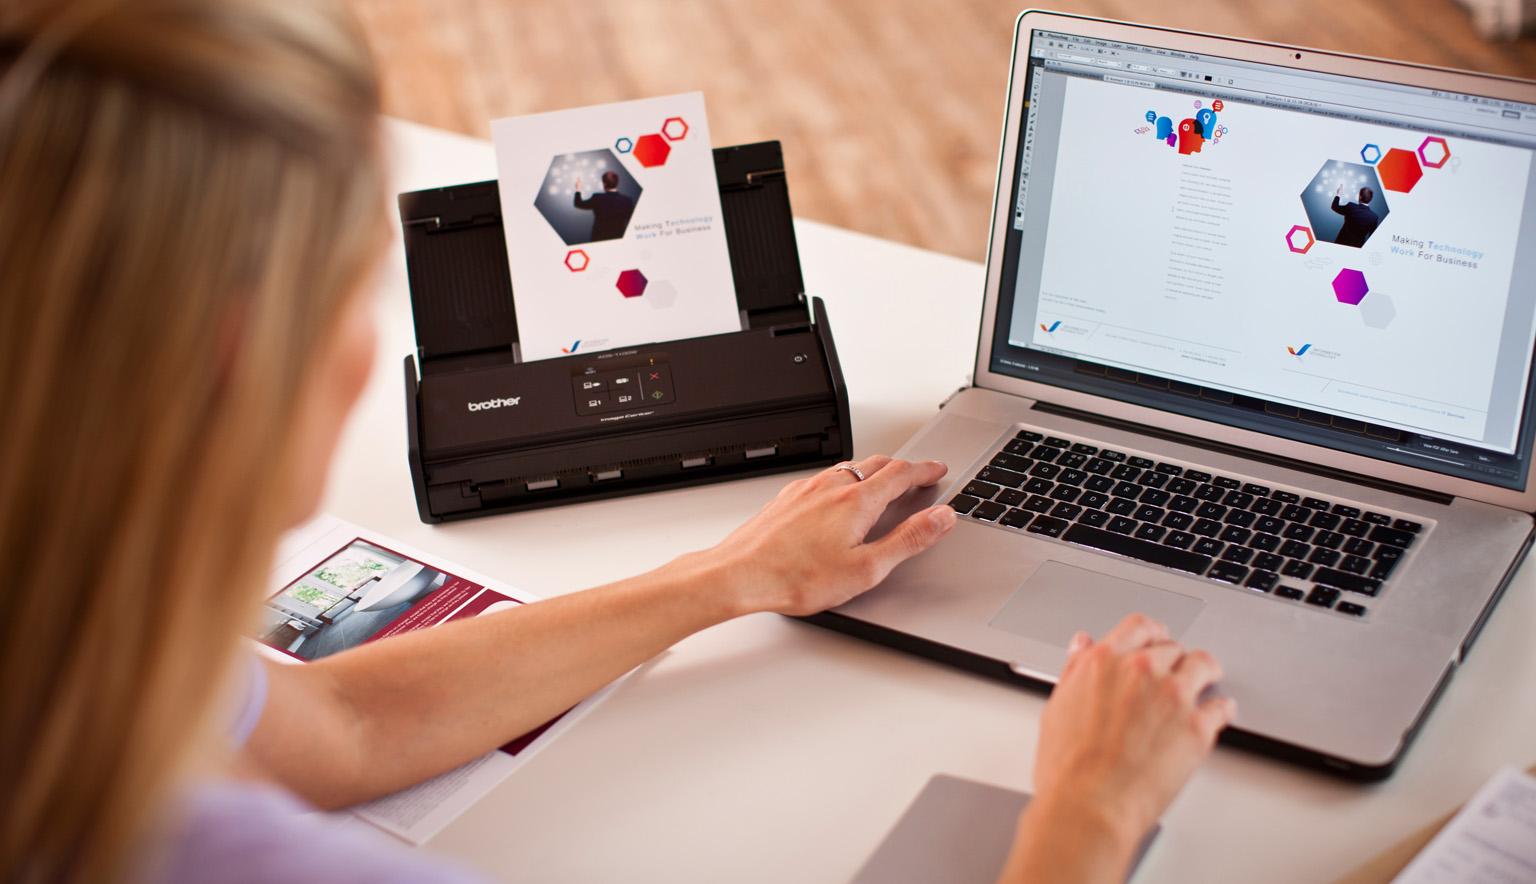 Mujer trabajando en portátil junto a escáner Brother